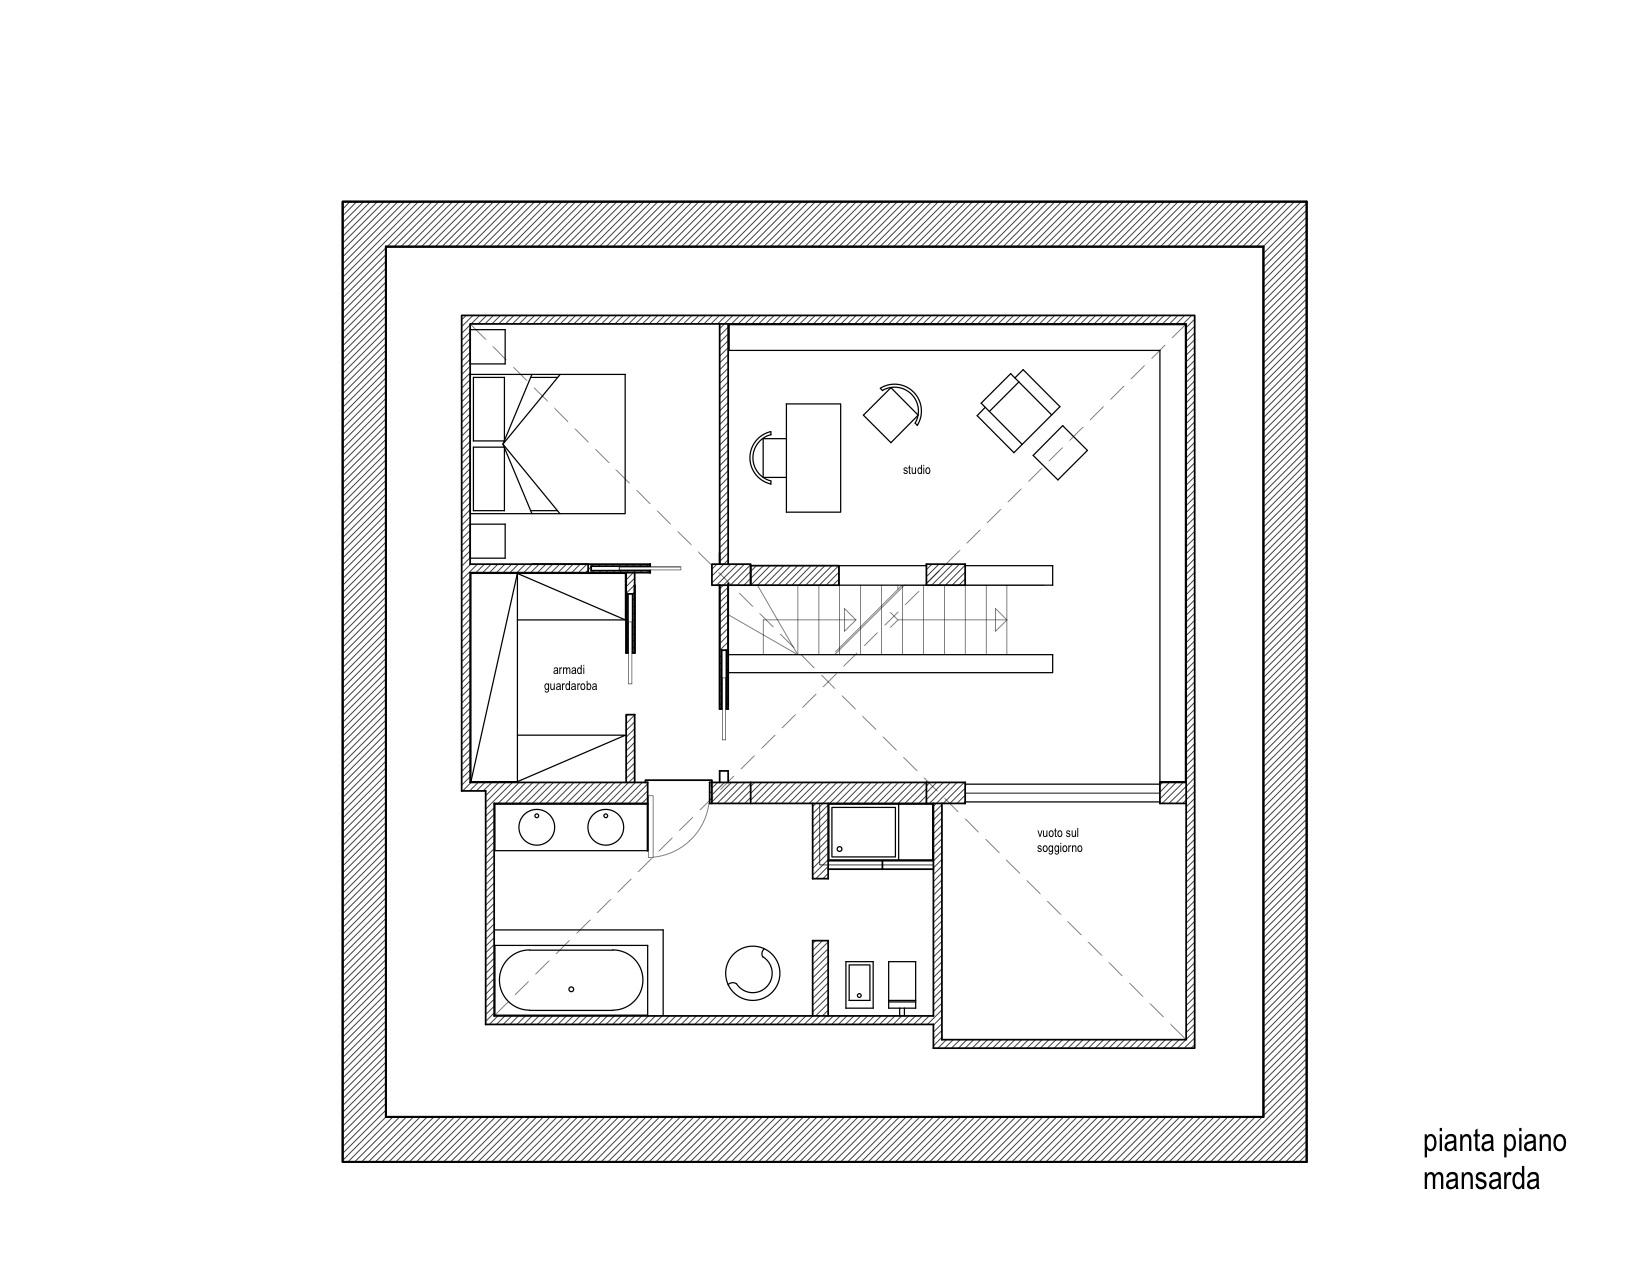 3 Casa Pianta p.mansarda.jpg